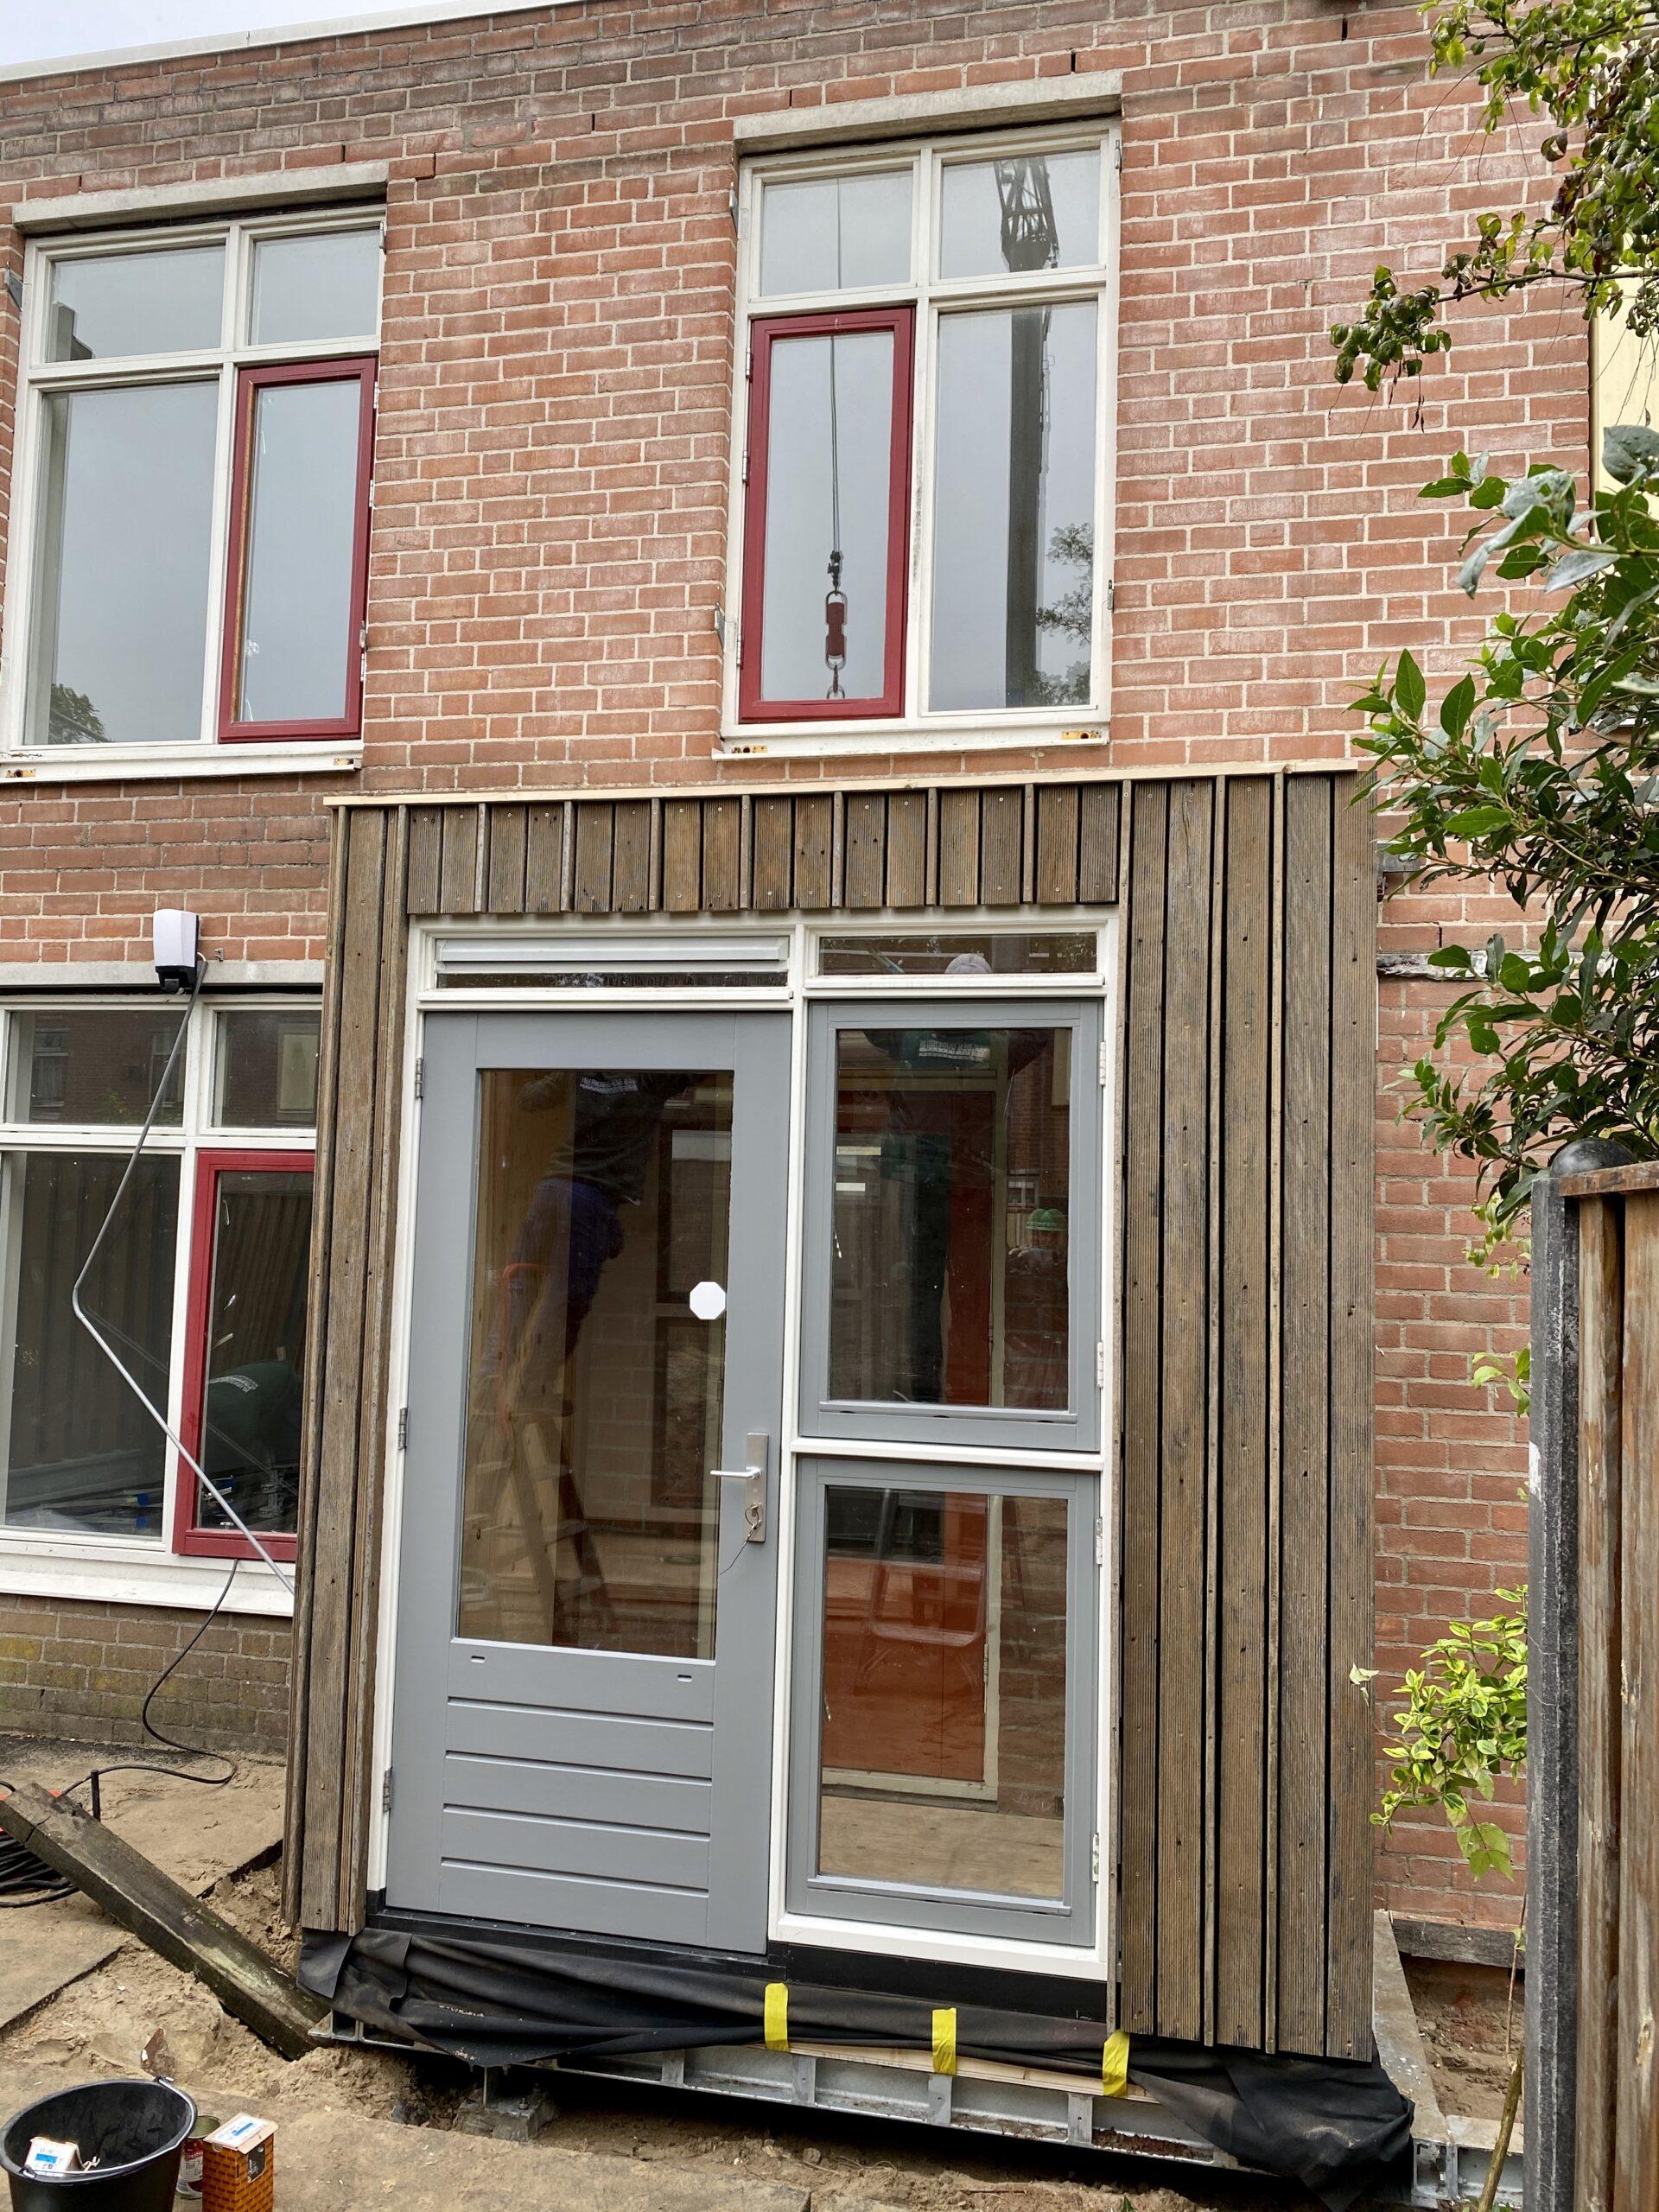 Circulaire aanbouwen Kuilsenhofweg te Amsterdam